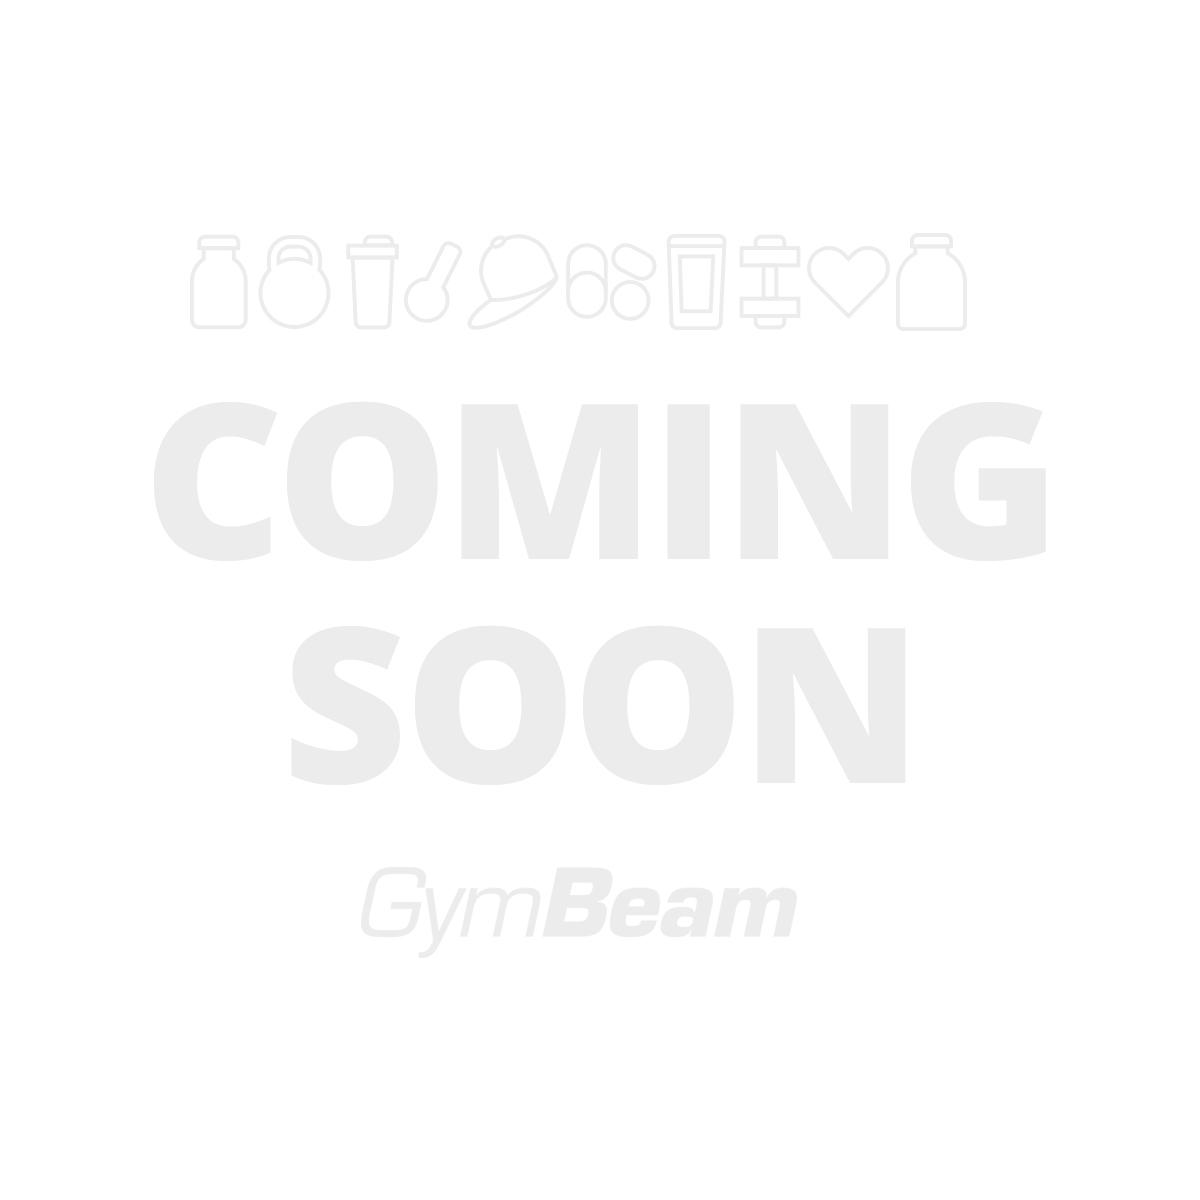 Ételhordó táska The Shield LG Camo - Fitmark